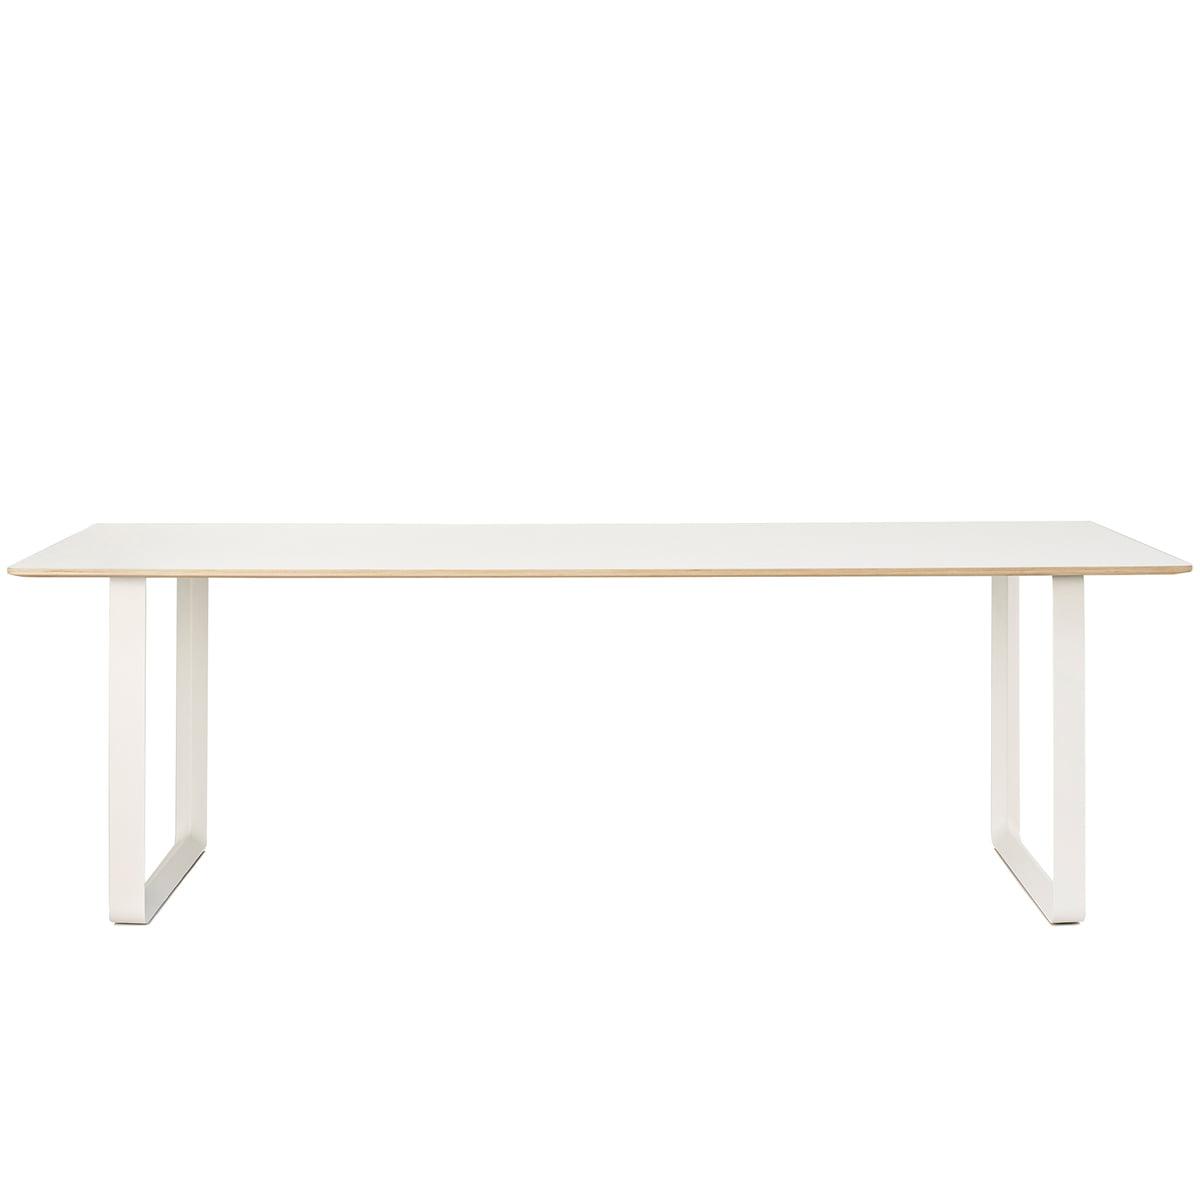 Muuto - 70/70 Esstisch, 225 x 90 cm, weiß (Laminat) | Baumarkt > Bodenbeläge | Weiß | Muuto